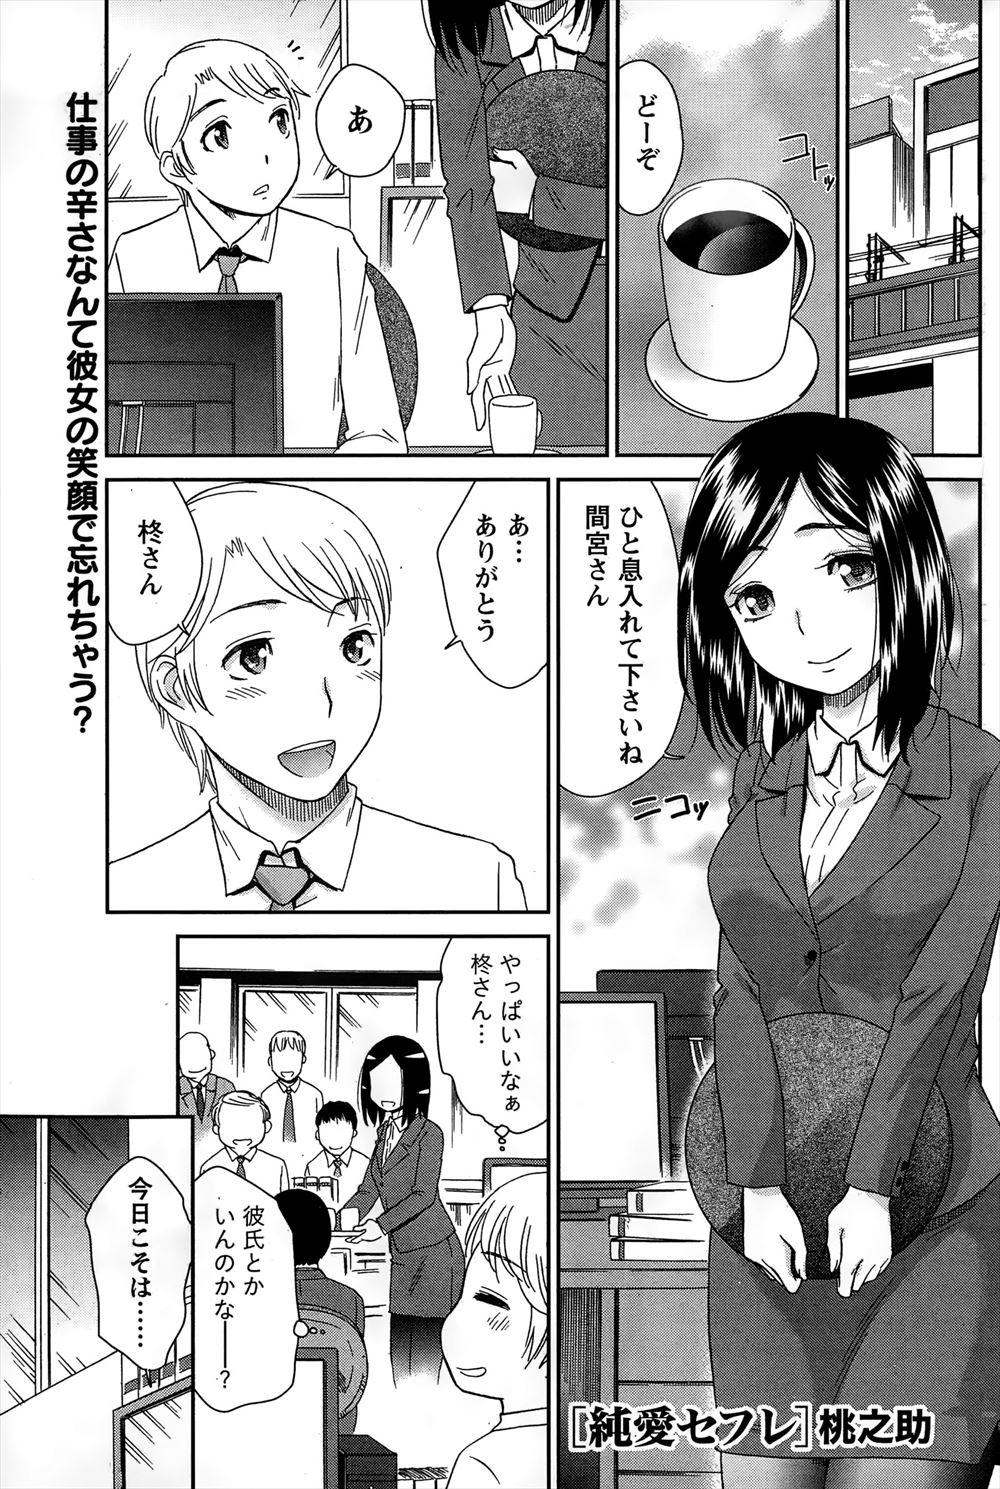 【エロ漫画】男たちから人気のある同僚に告白したら恋人ではなくセフレにならとハメる関係になるwwwwwww